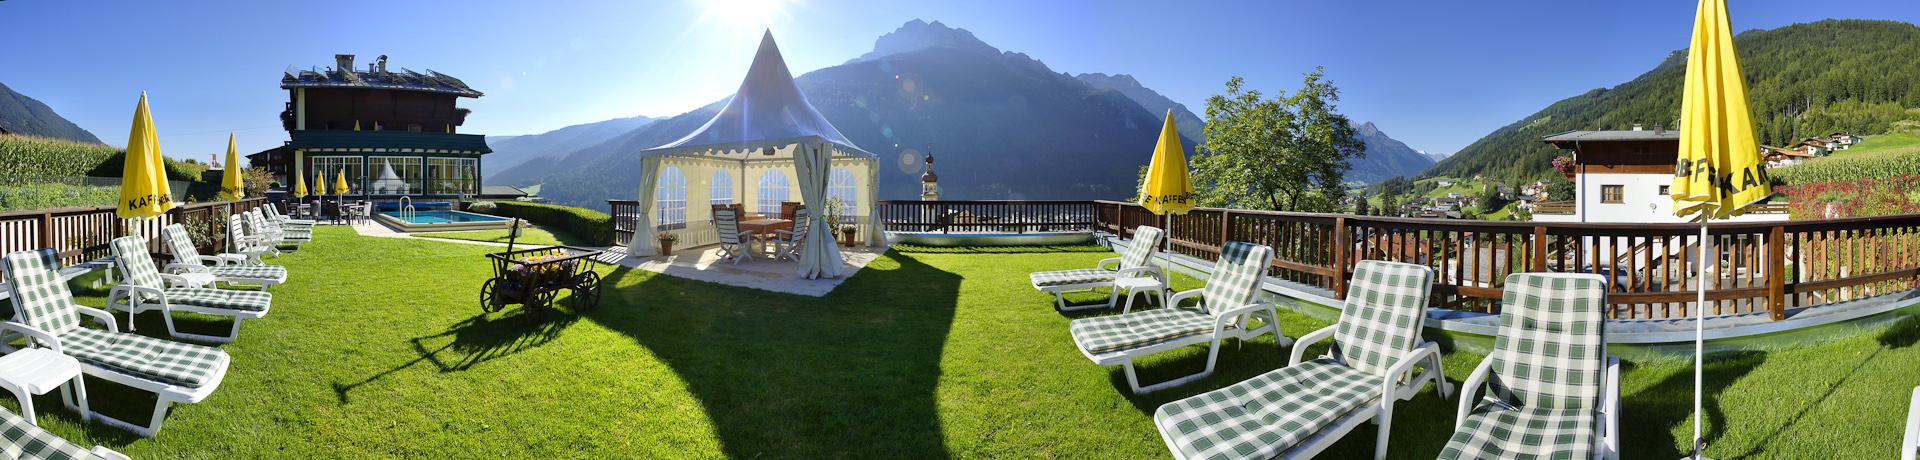 Hotel Habicht Sommer